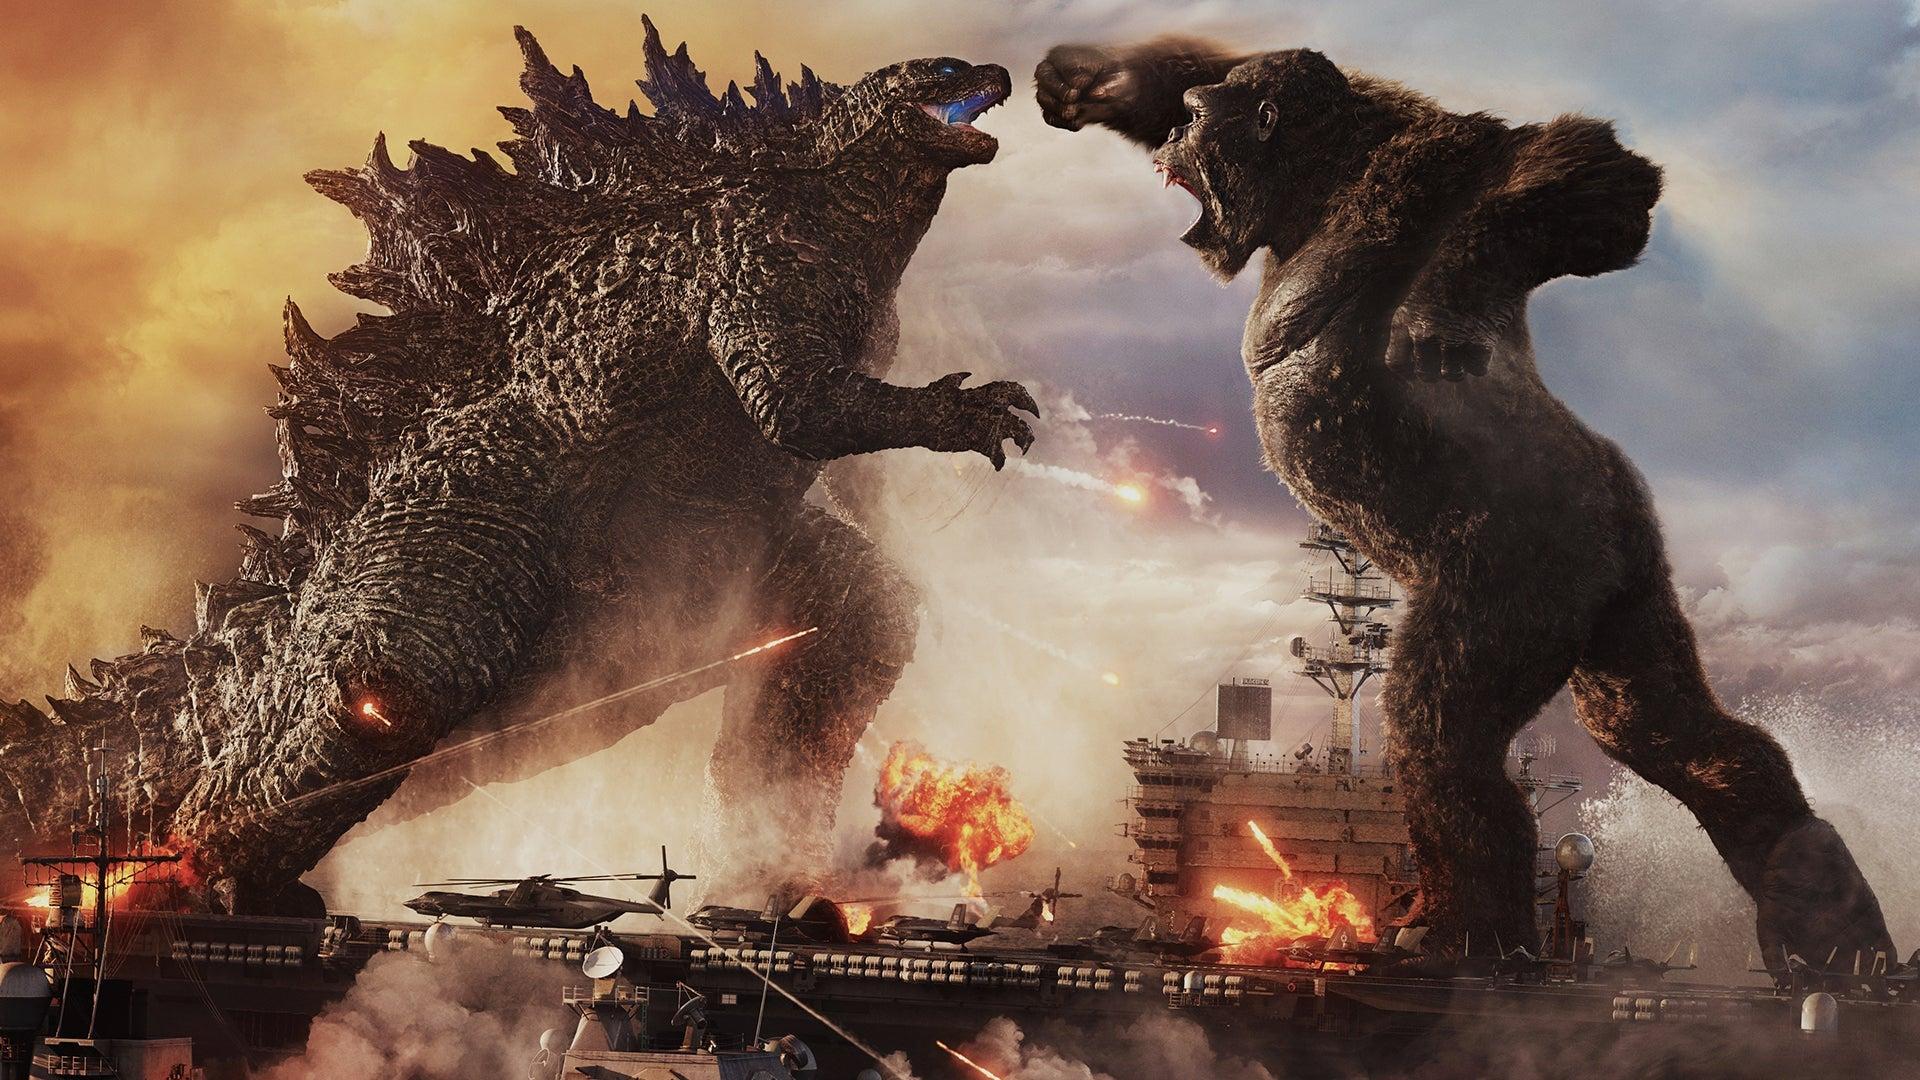 รีวิว Godzilla vs Kong